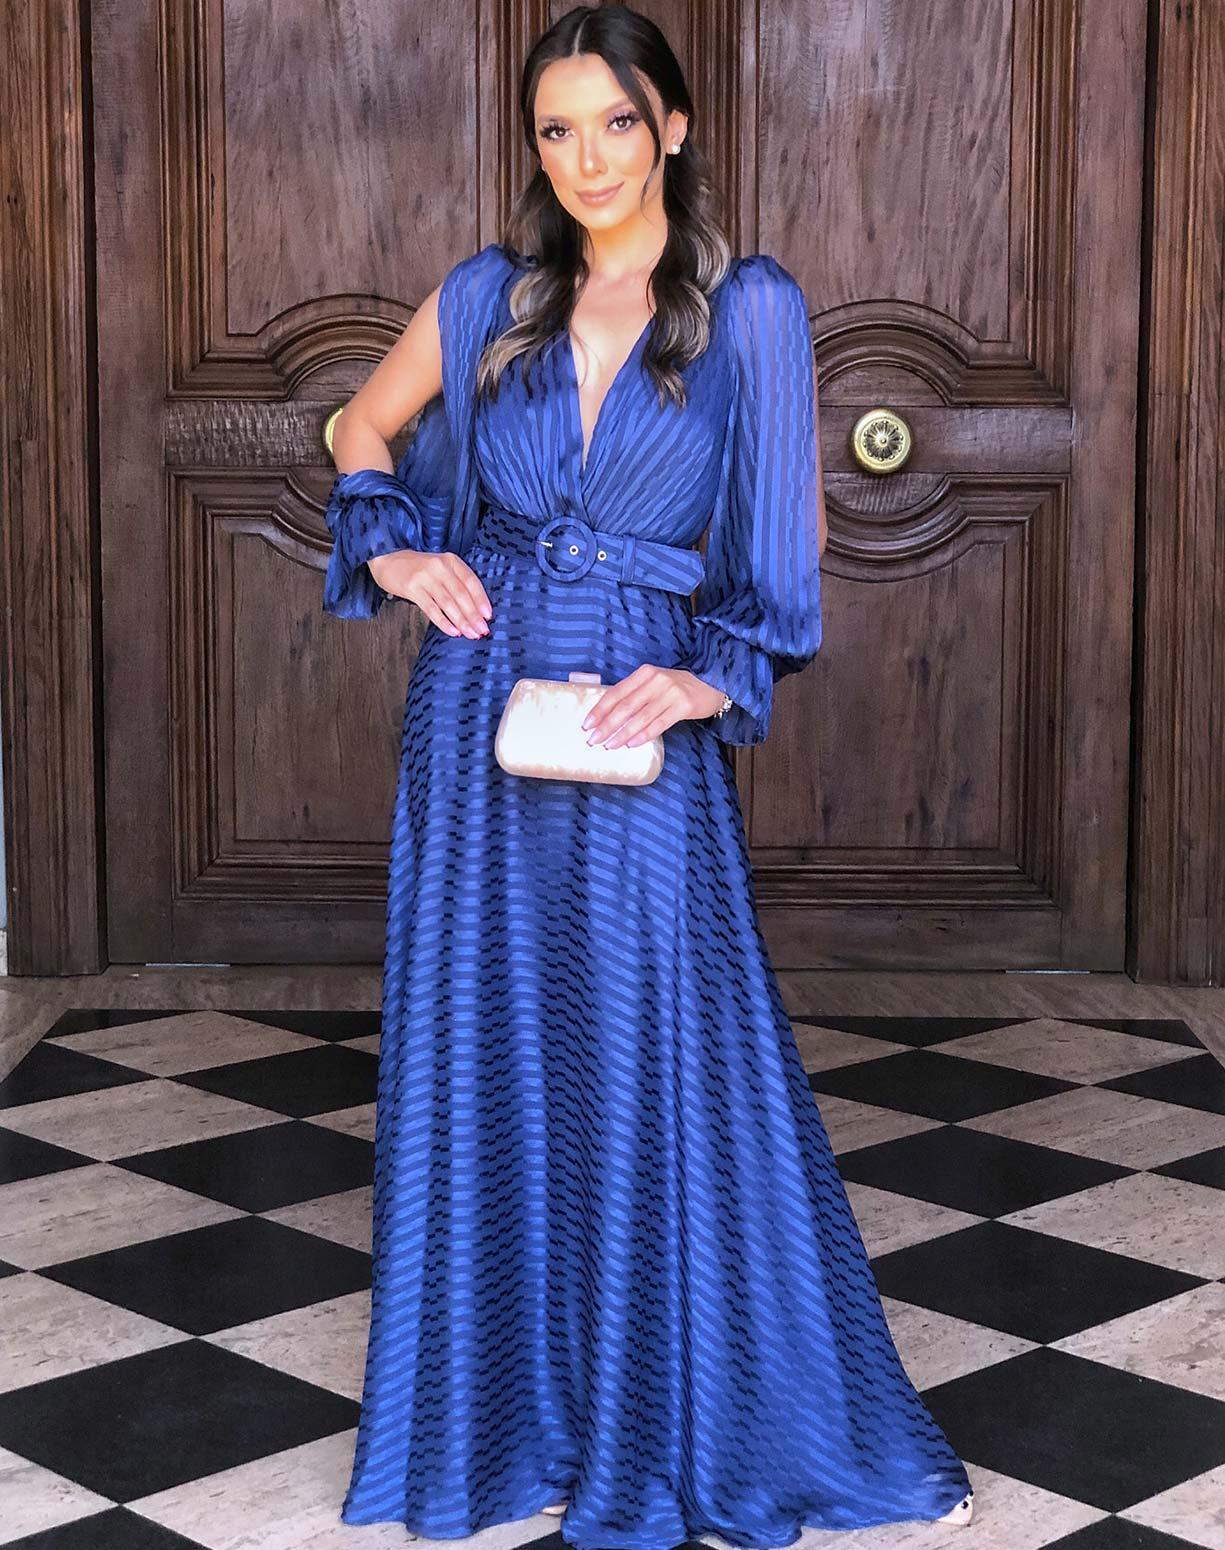 Vestido Azul Marinho Listras em Seda